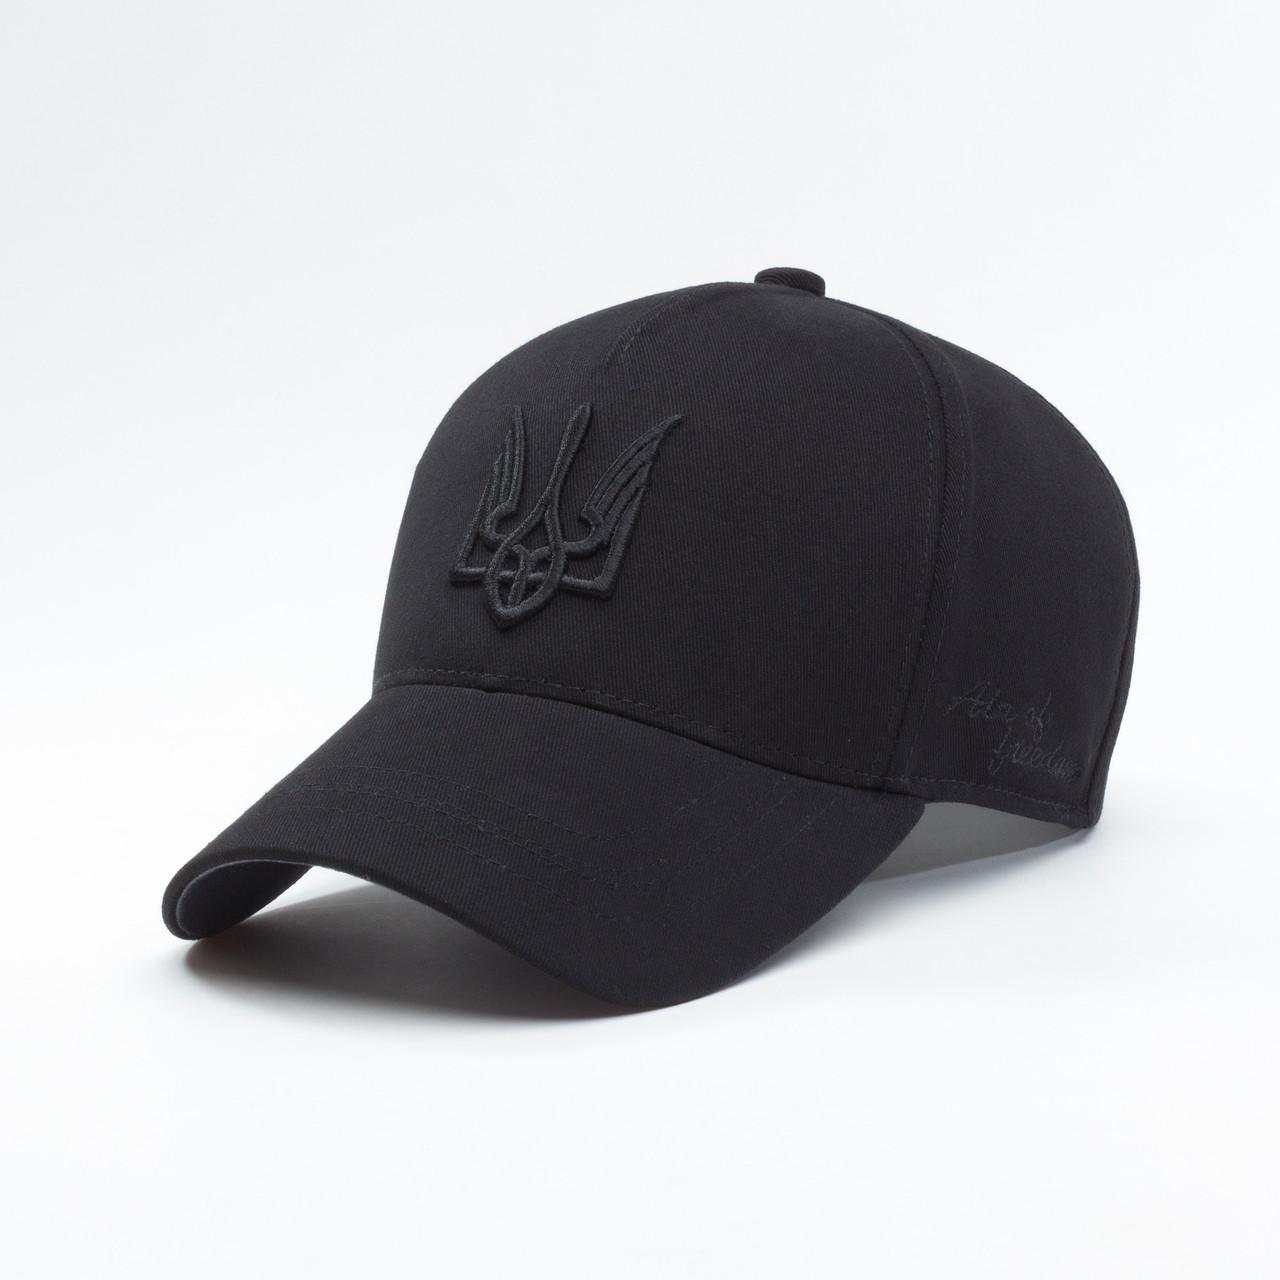 Купить Кепка бейсболка мужская INAL air of freedom XL / 59-60 RU Черный 35059